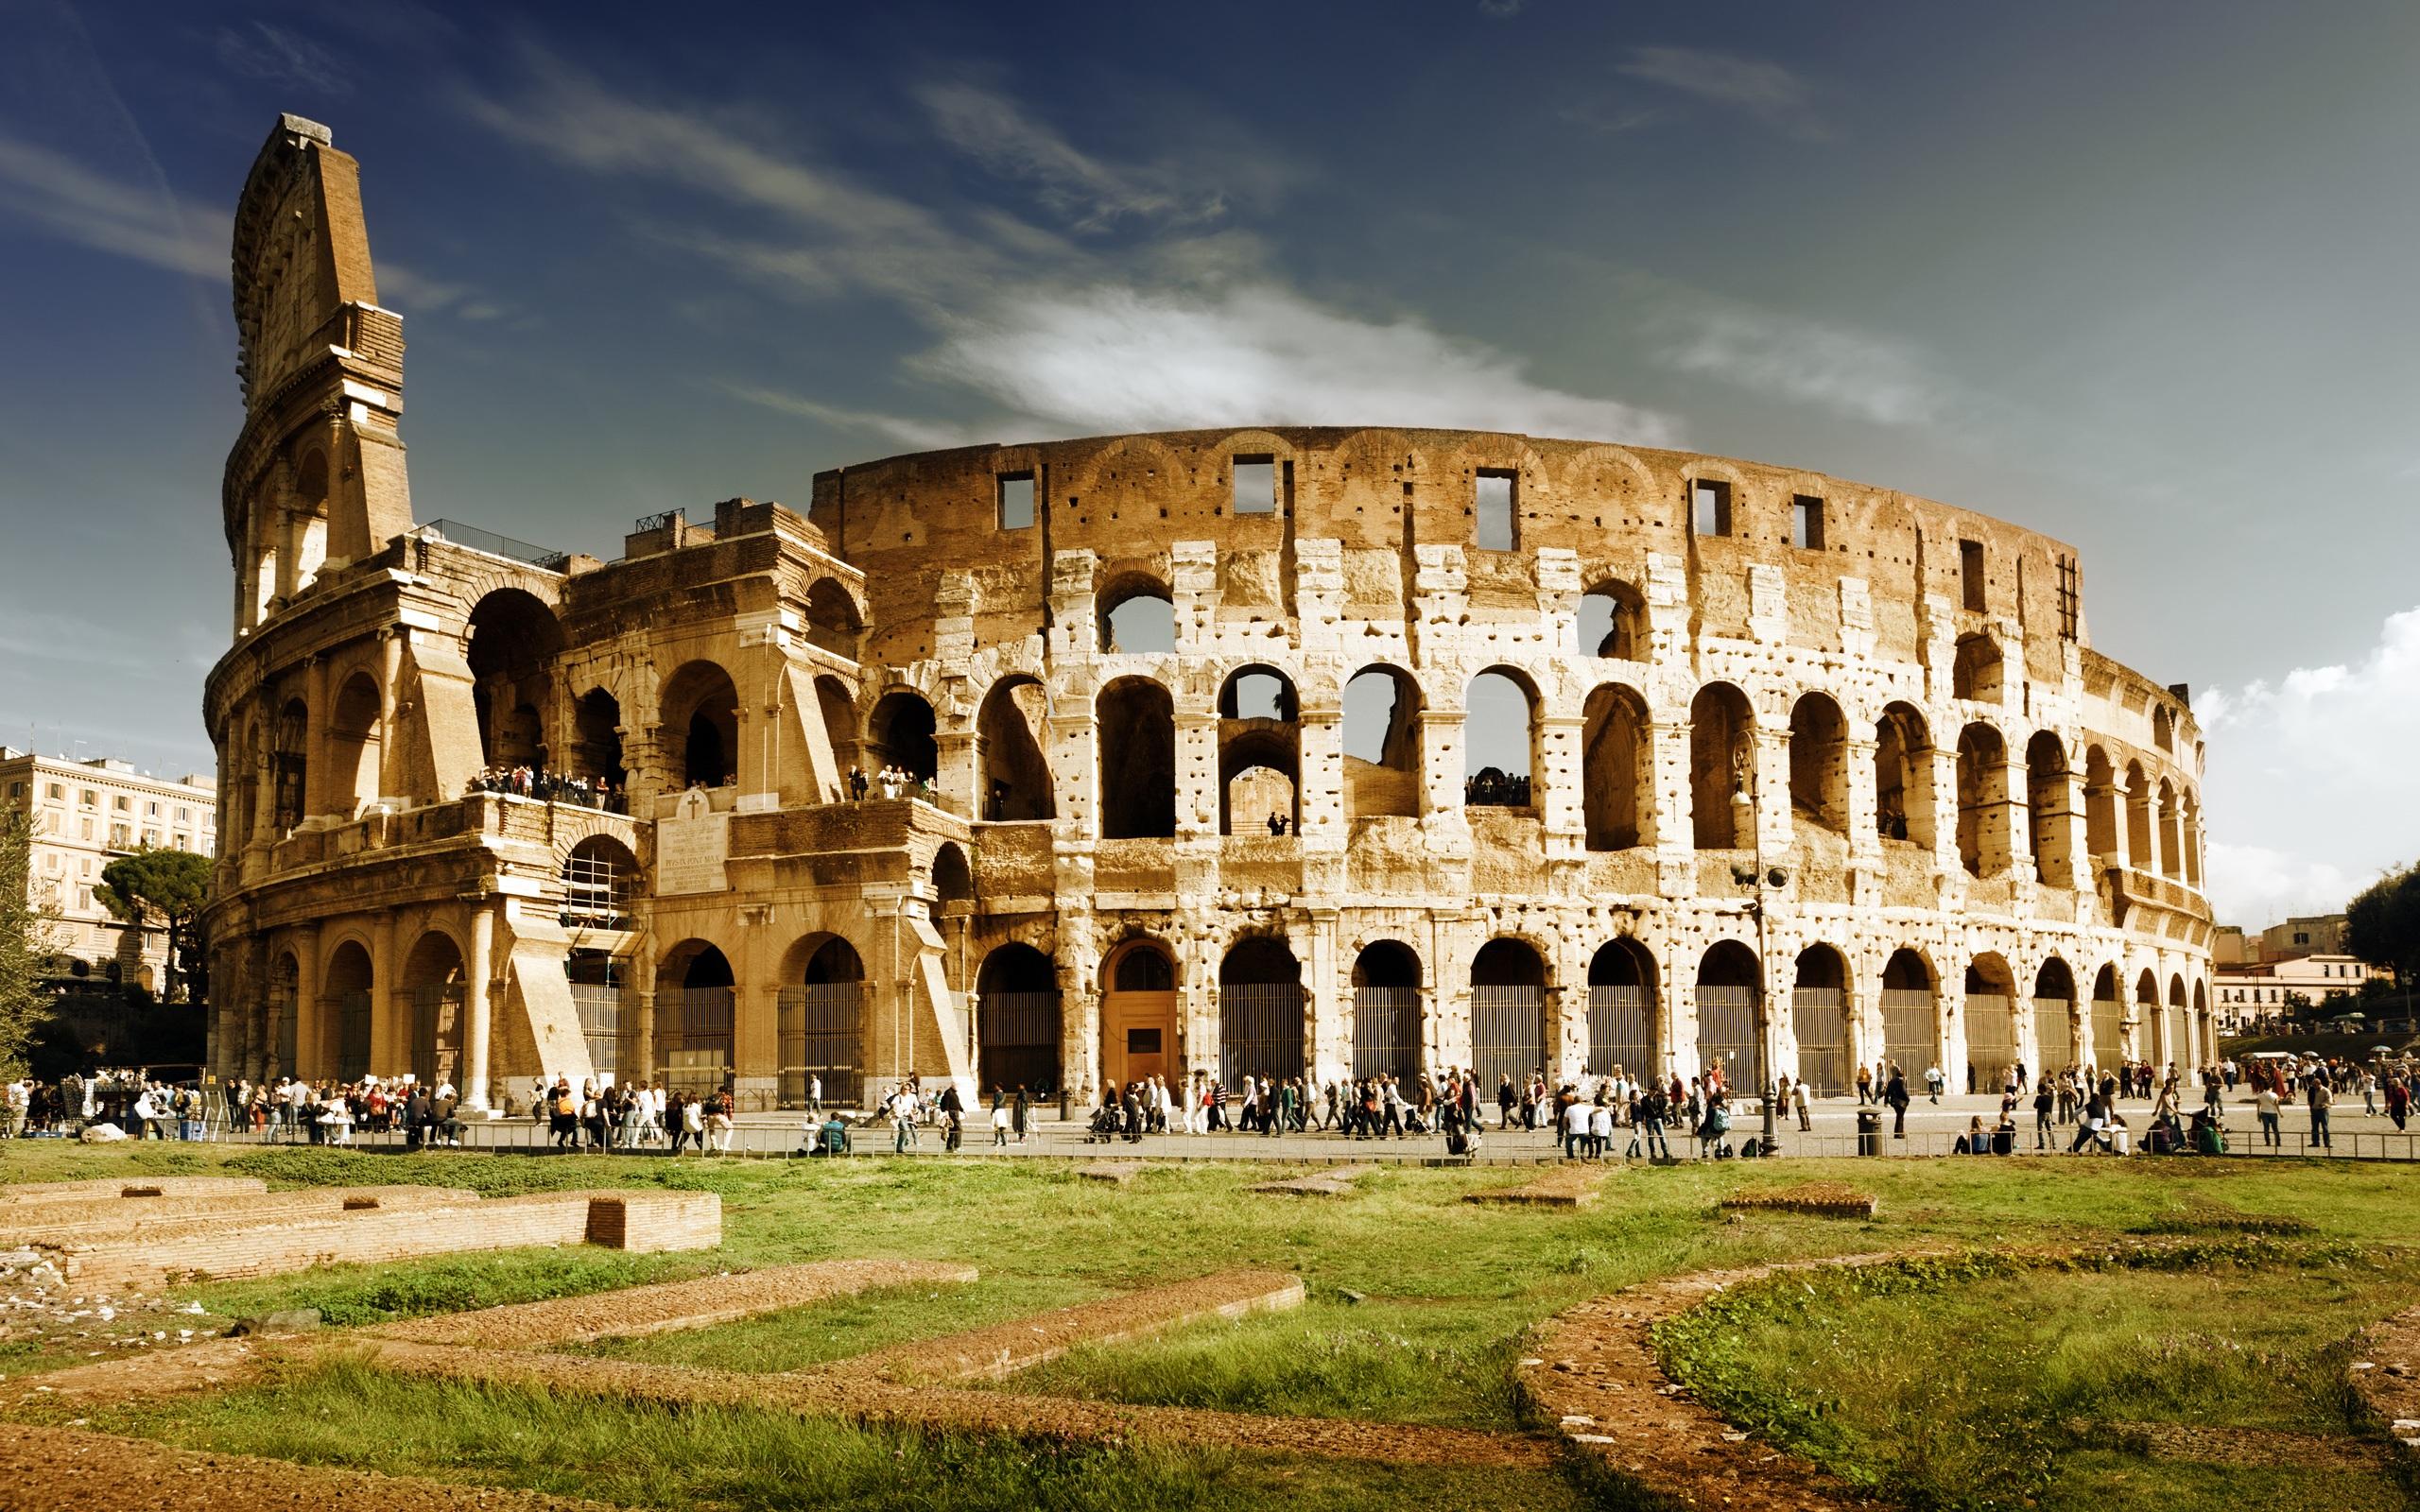 download hintergrundbilder 2560x1600 sehensw rdigkeiten das kolosseum italien hd hintergrund. Black Bedroom Furniture Sets. Home Design Ideas